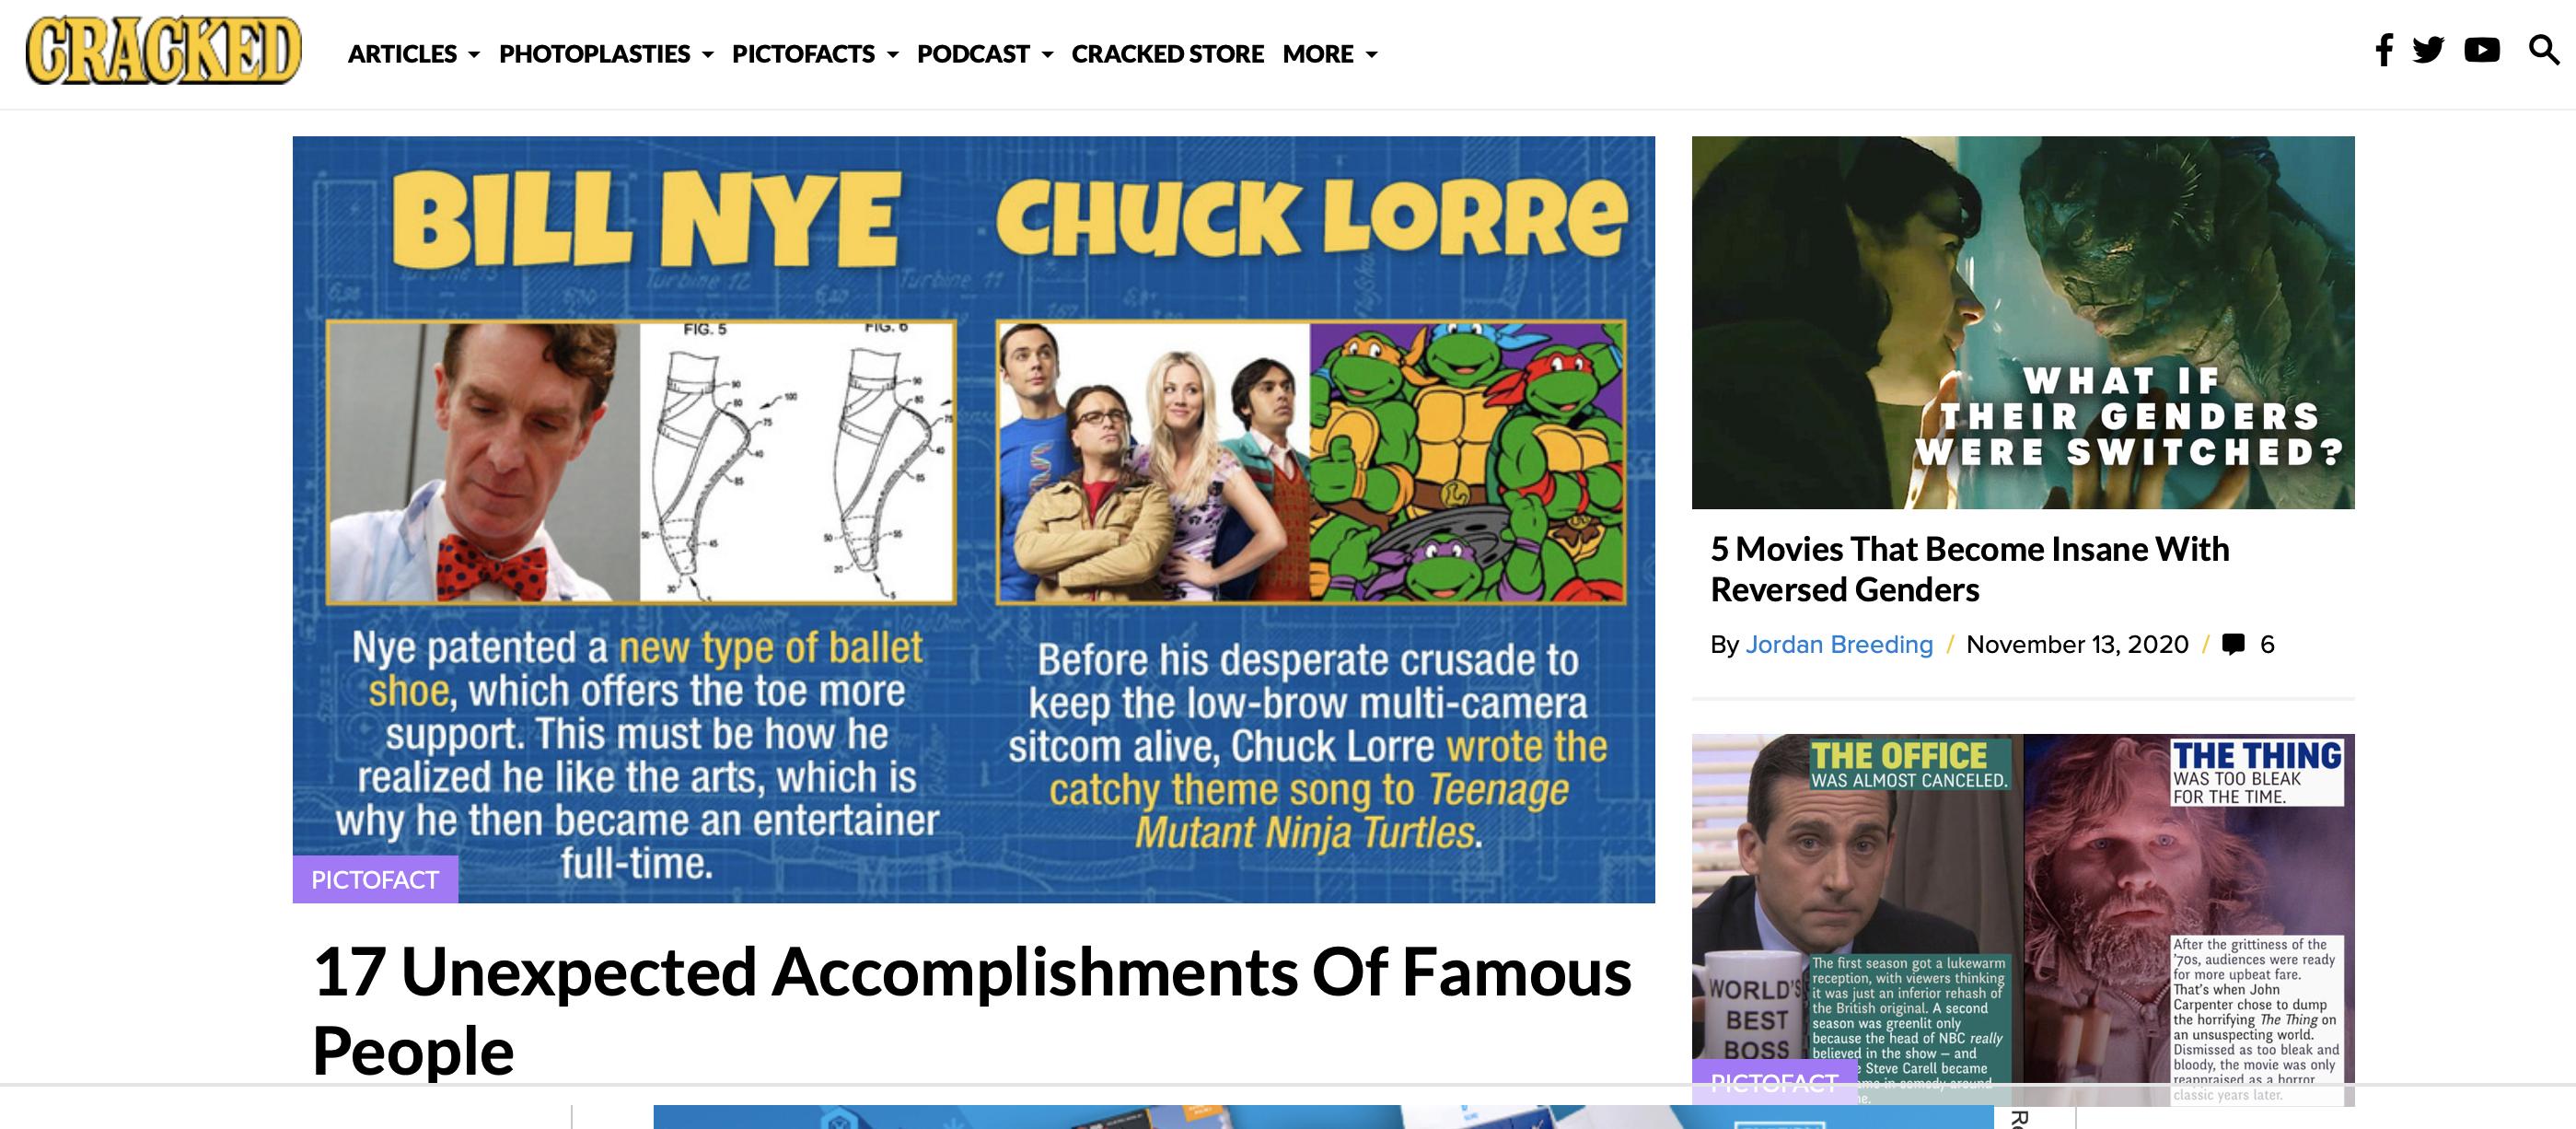 cracked humor website